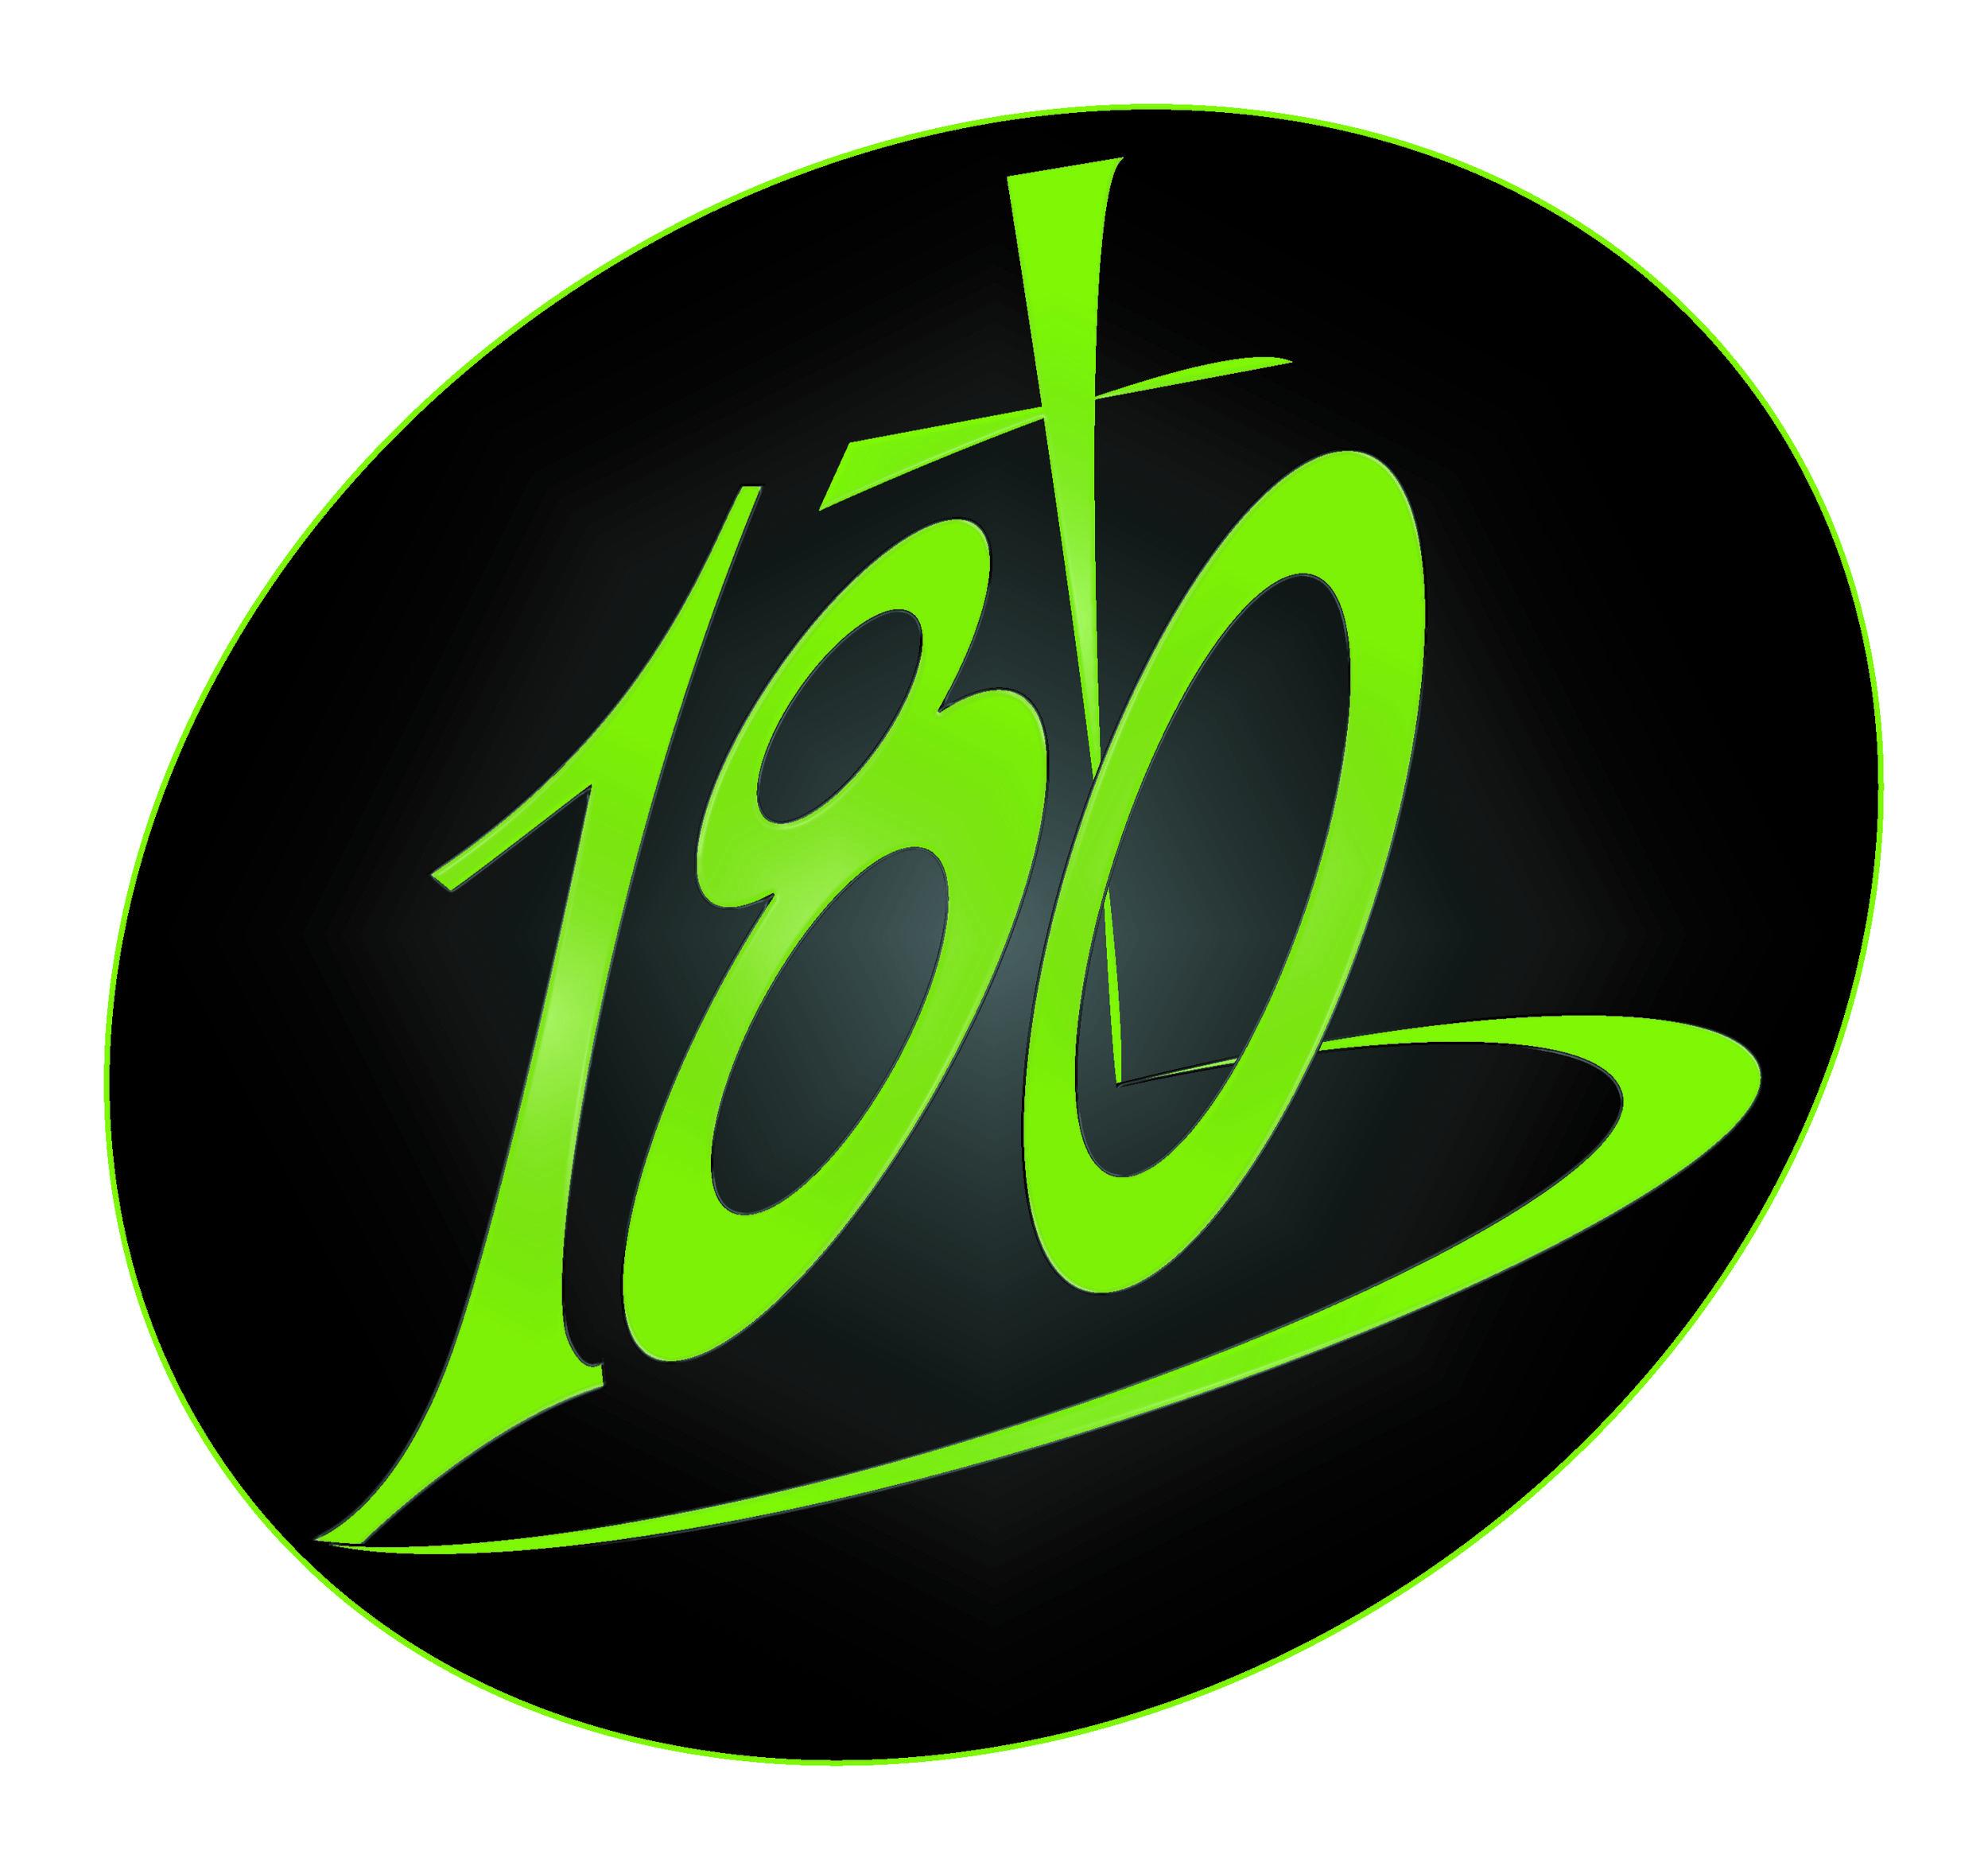 Youth 180 Logo a.jpg